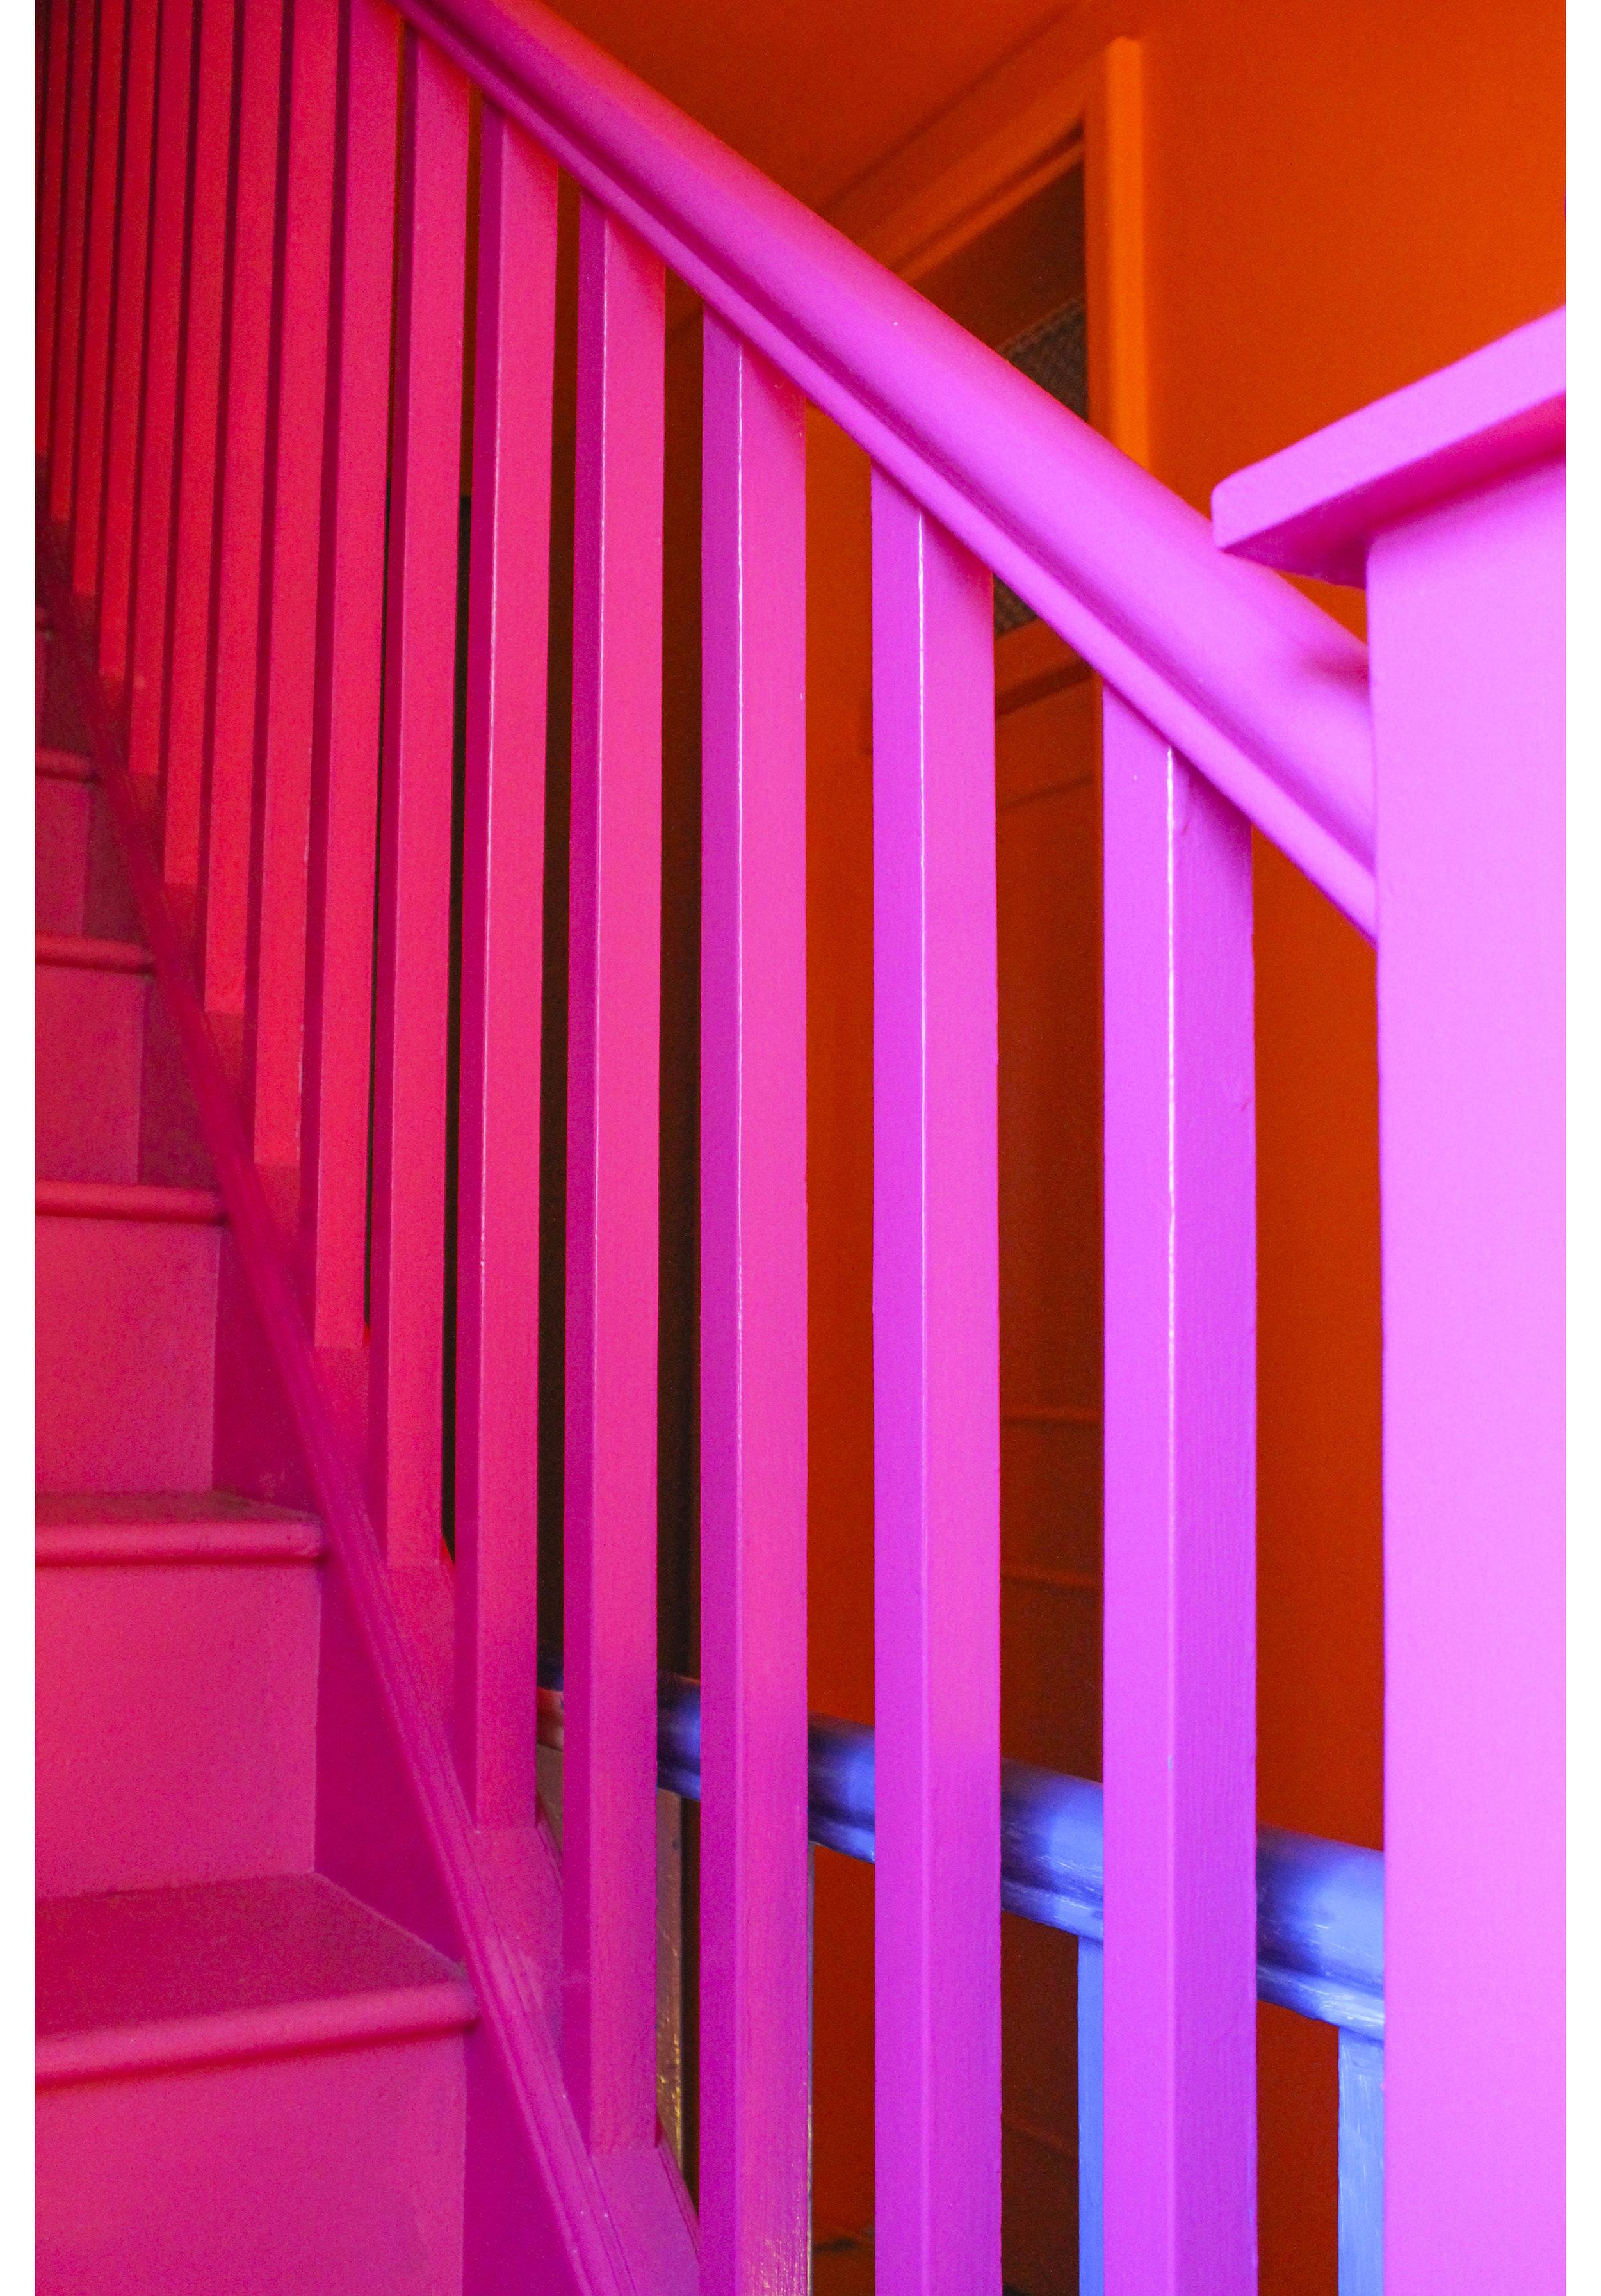 MLH Pink Orange Blue Bannisters.jpg